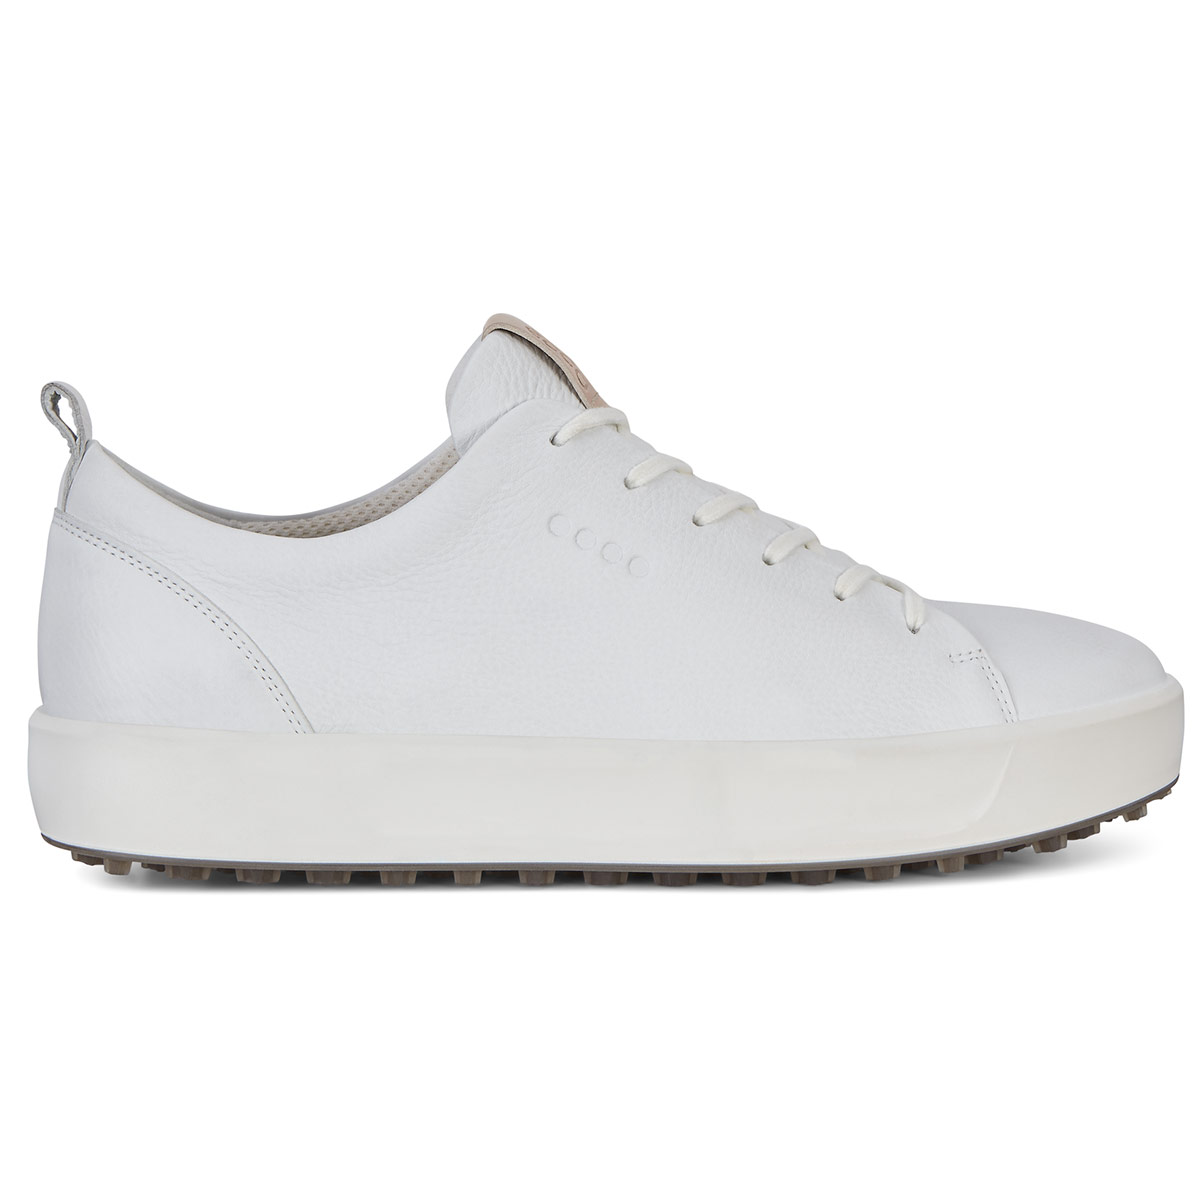 3f7ae1f401 ECCO Golf Soft Shoes